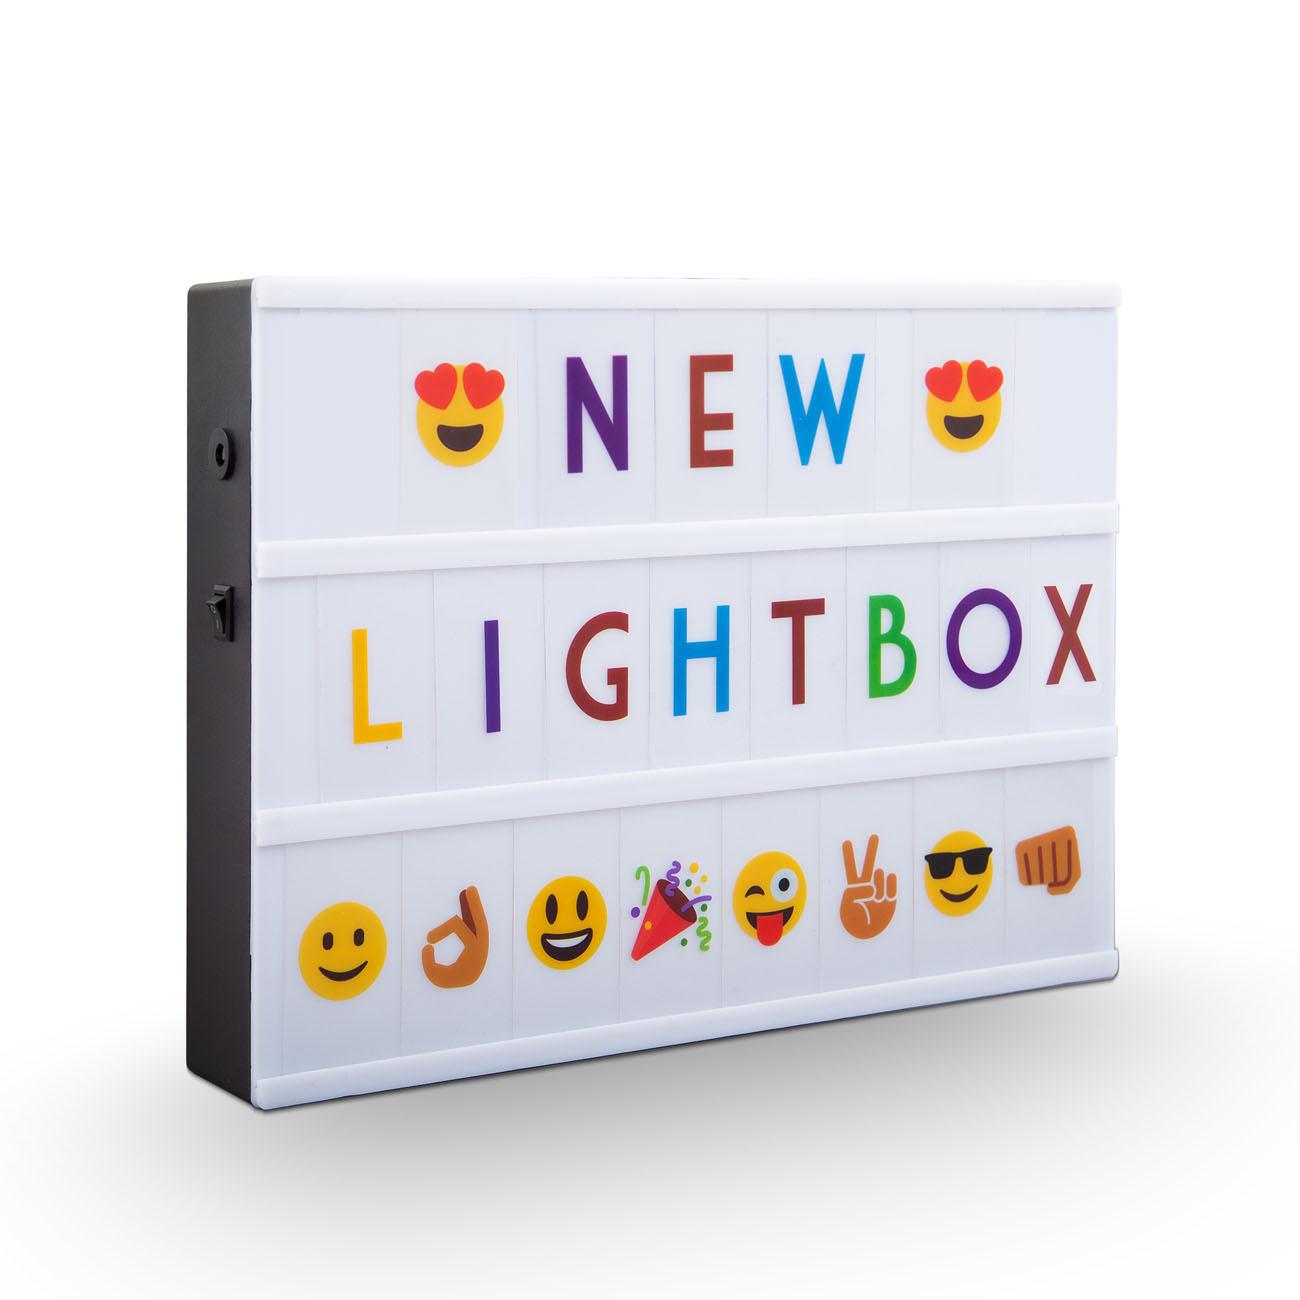 LED Lichtbox Lightbox mit 220 Buchstaben A4 bunt